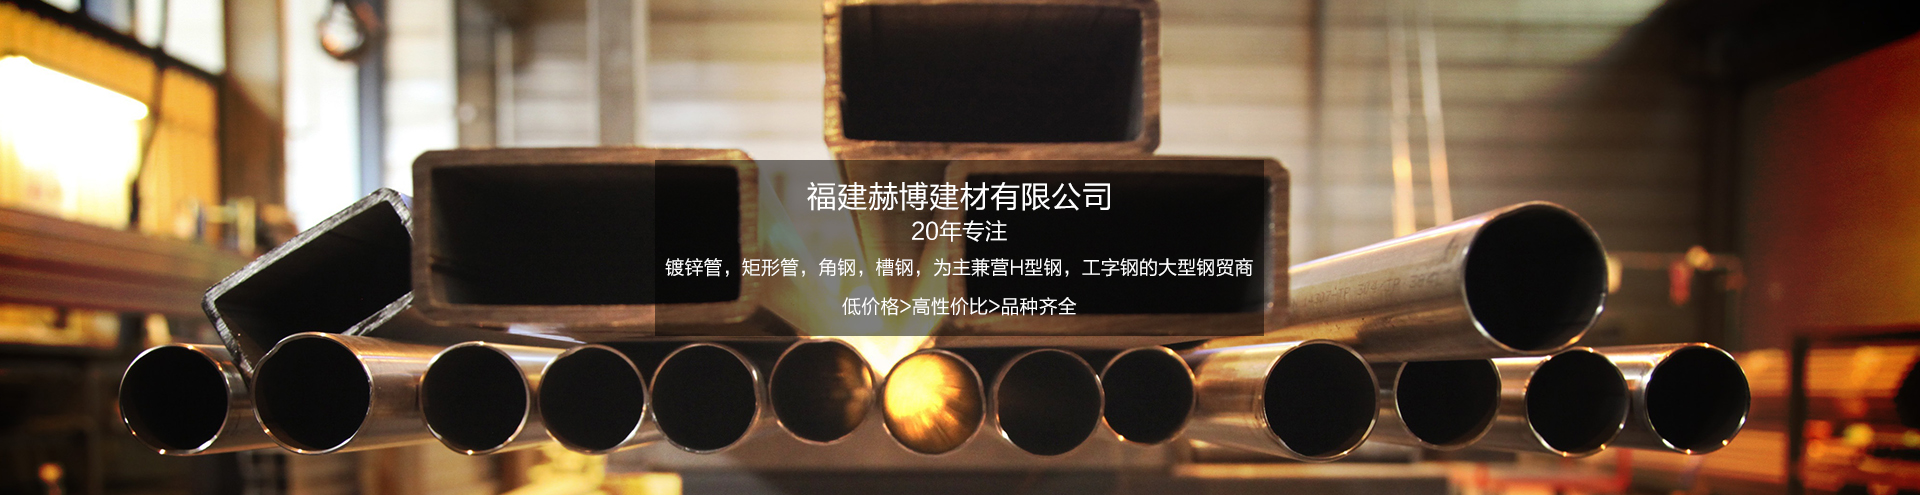 福州钢材市场